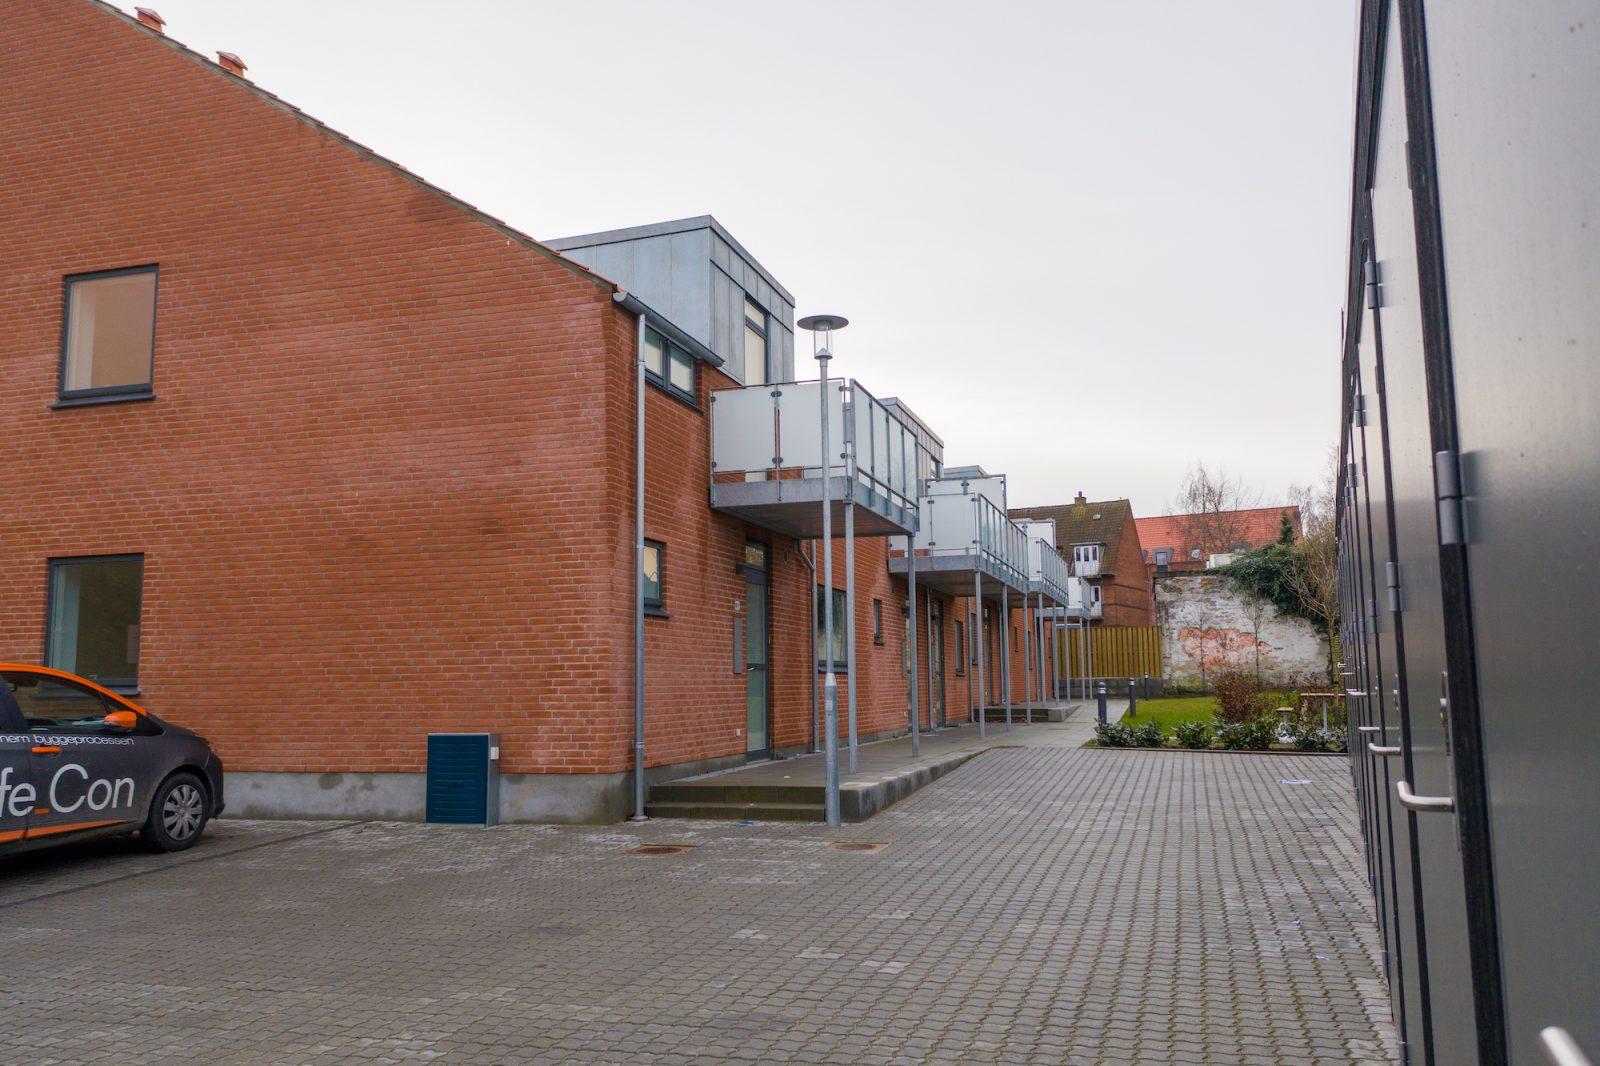 Lejligheder på Kochsgade i odense - Safe-con - 24